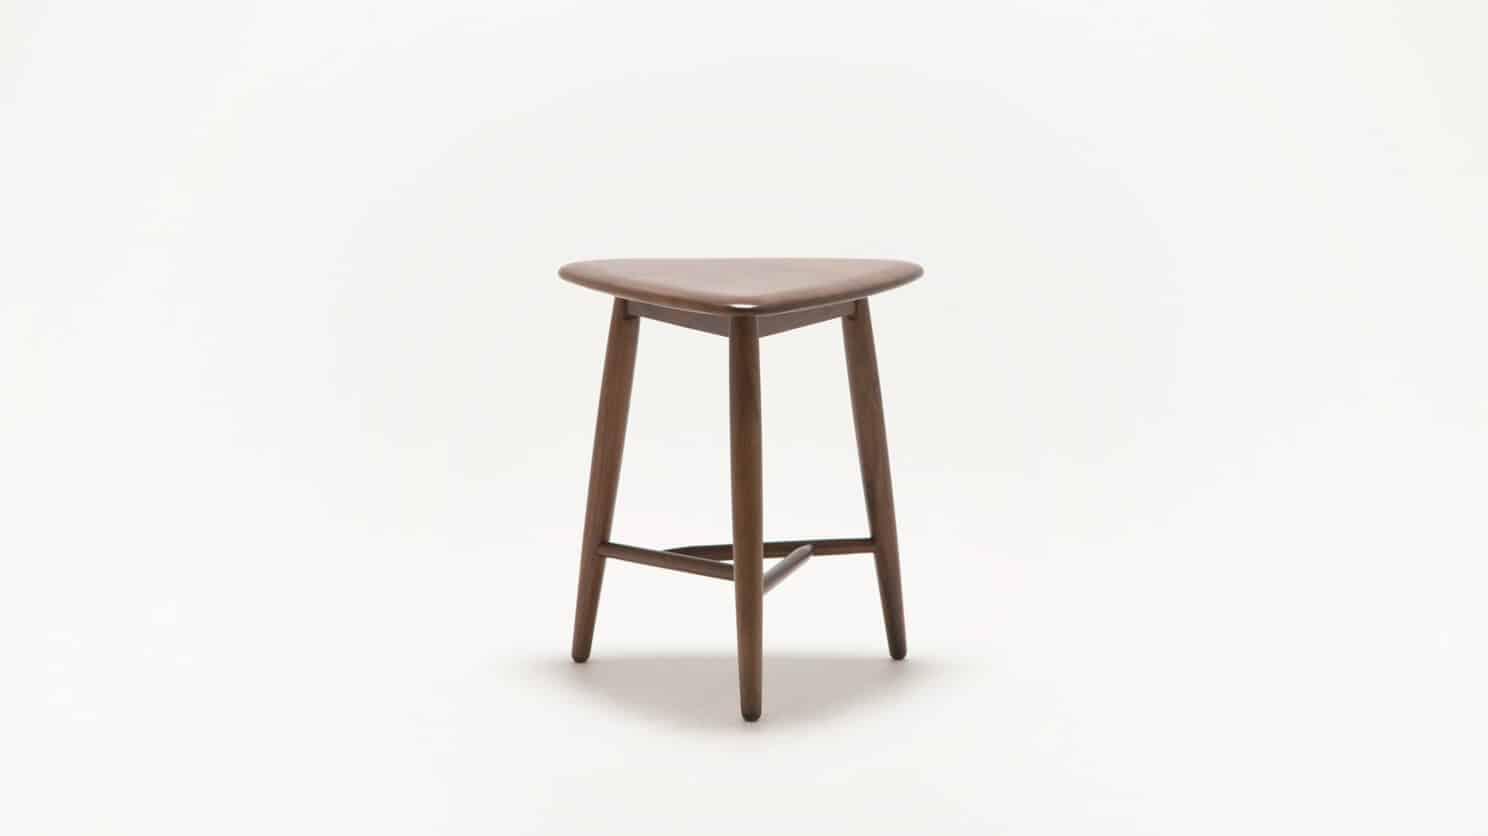 7110 090 49 2 end tables kacia end table back 01